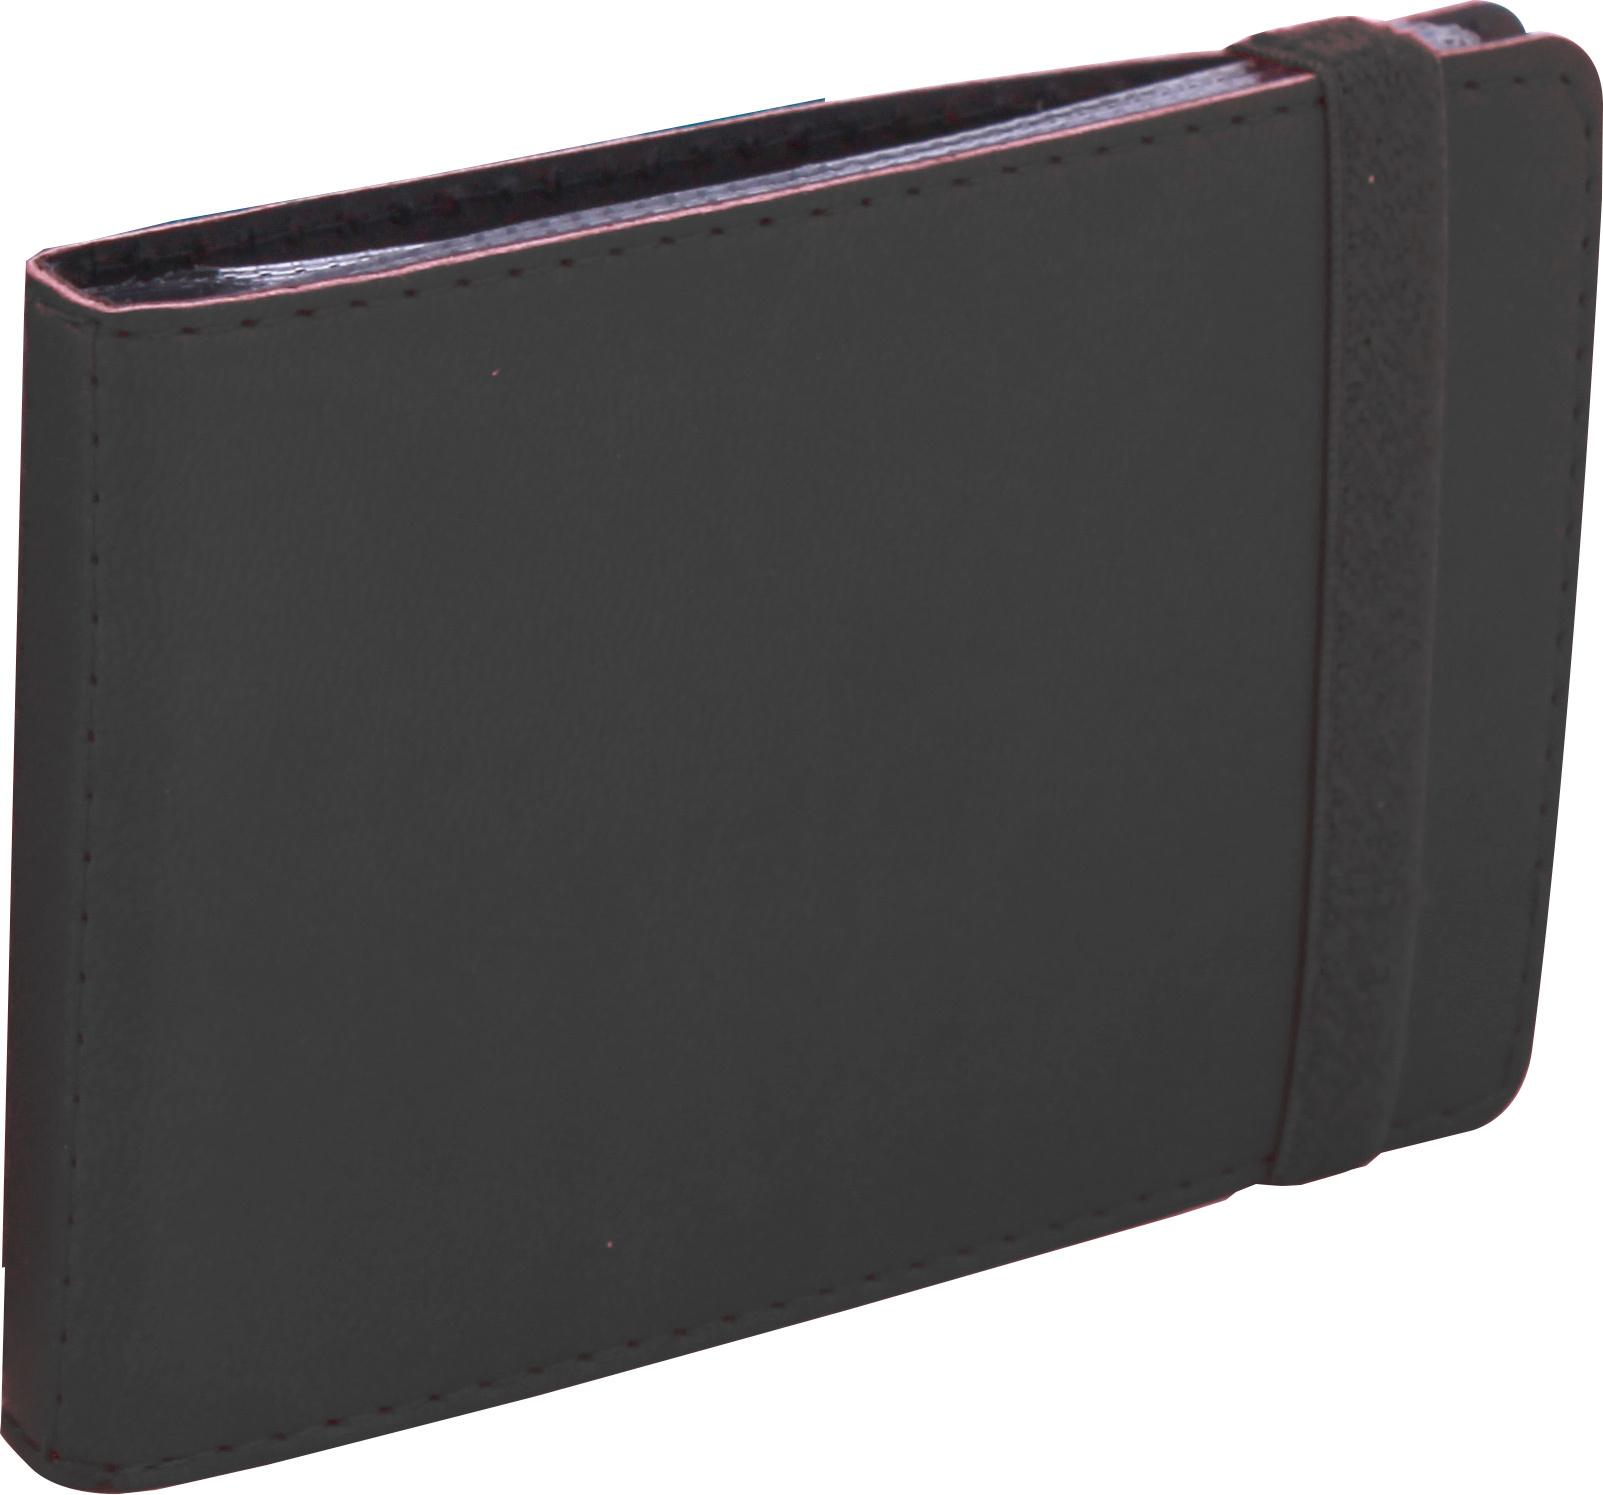 Визитница карманная на резинке, 20 визиток, Vivella, черная